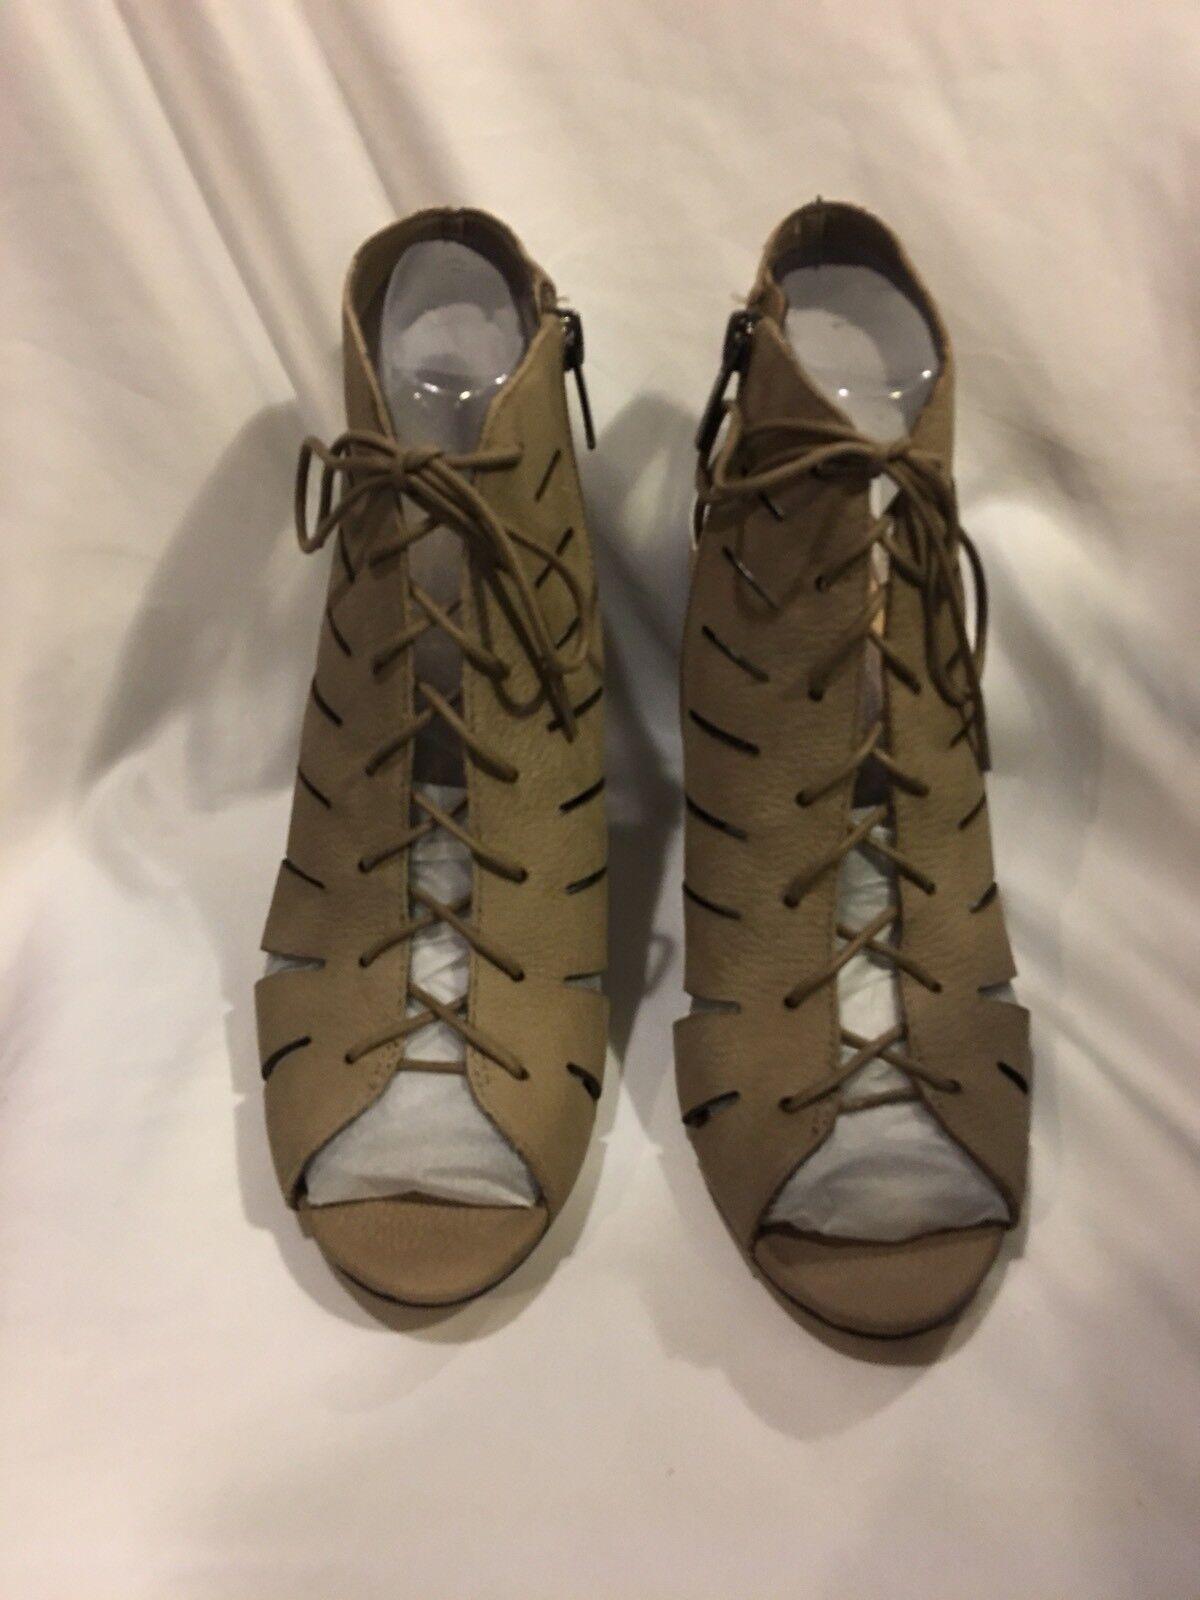 Vince Camuto Camuto Camuto Persa Mujer EE. UU. 8.5 gris Topo Sandalias Zapatos De Corte Para Mujer Tacones Altos Con Encaje  últimos estilos